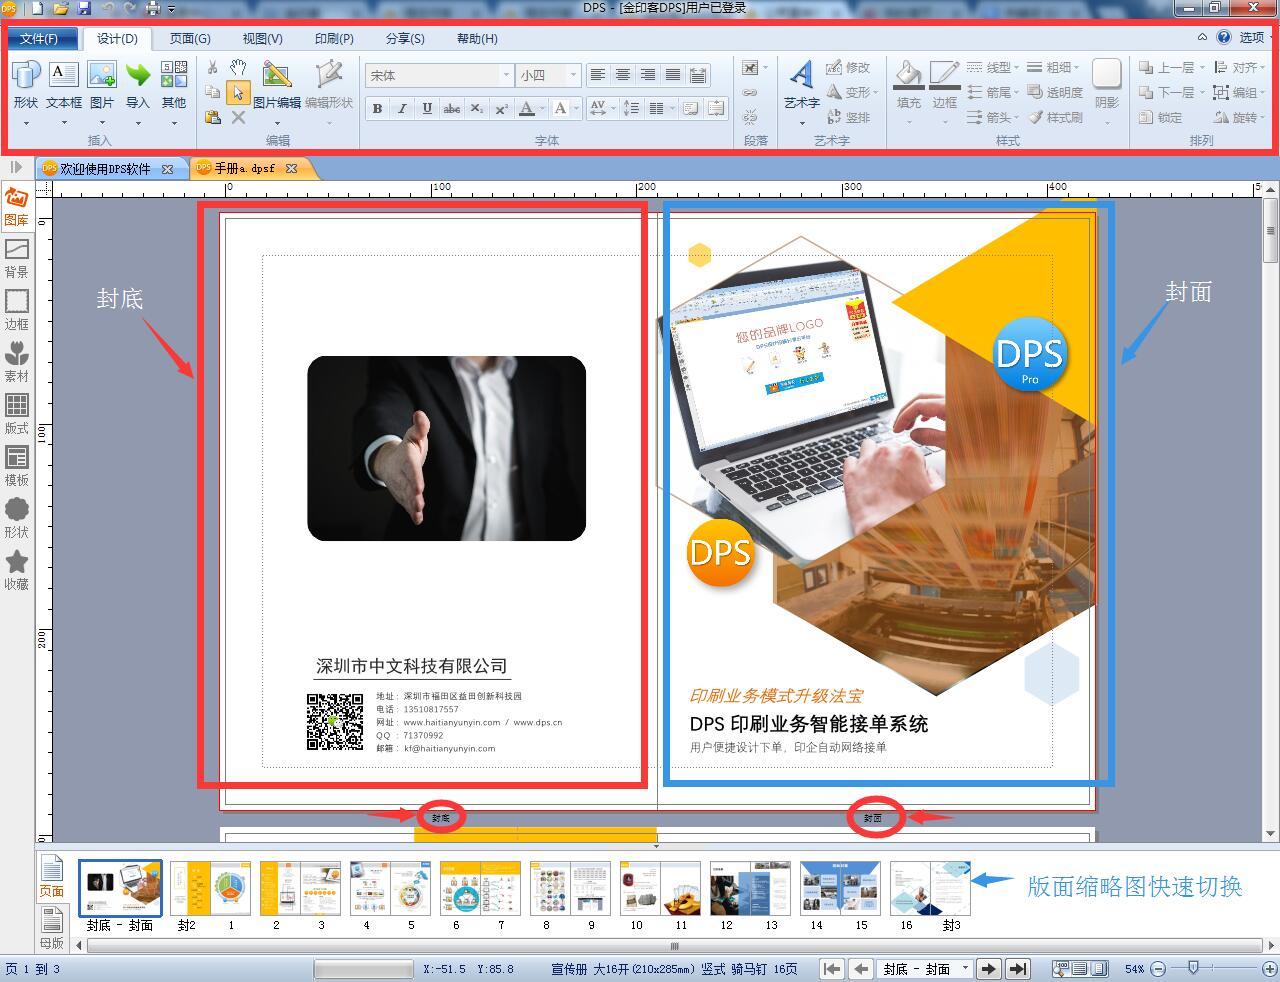 DPS设计印刷分享里有现成的宣传册模板,在创建时即可选择全册模板,也可以在排版时选择单页模板。还有海量免费背景图和设计素材、矢量图,可以直接拖进页面,图片边框特效等一键生成,所以设计时变得相对简单。 看看3D电子宣传册效果: